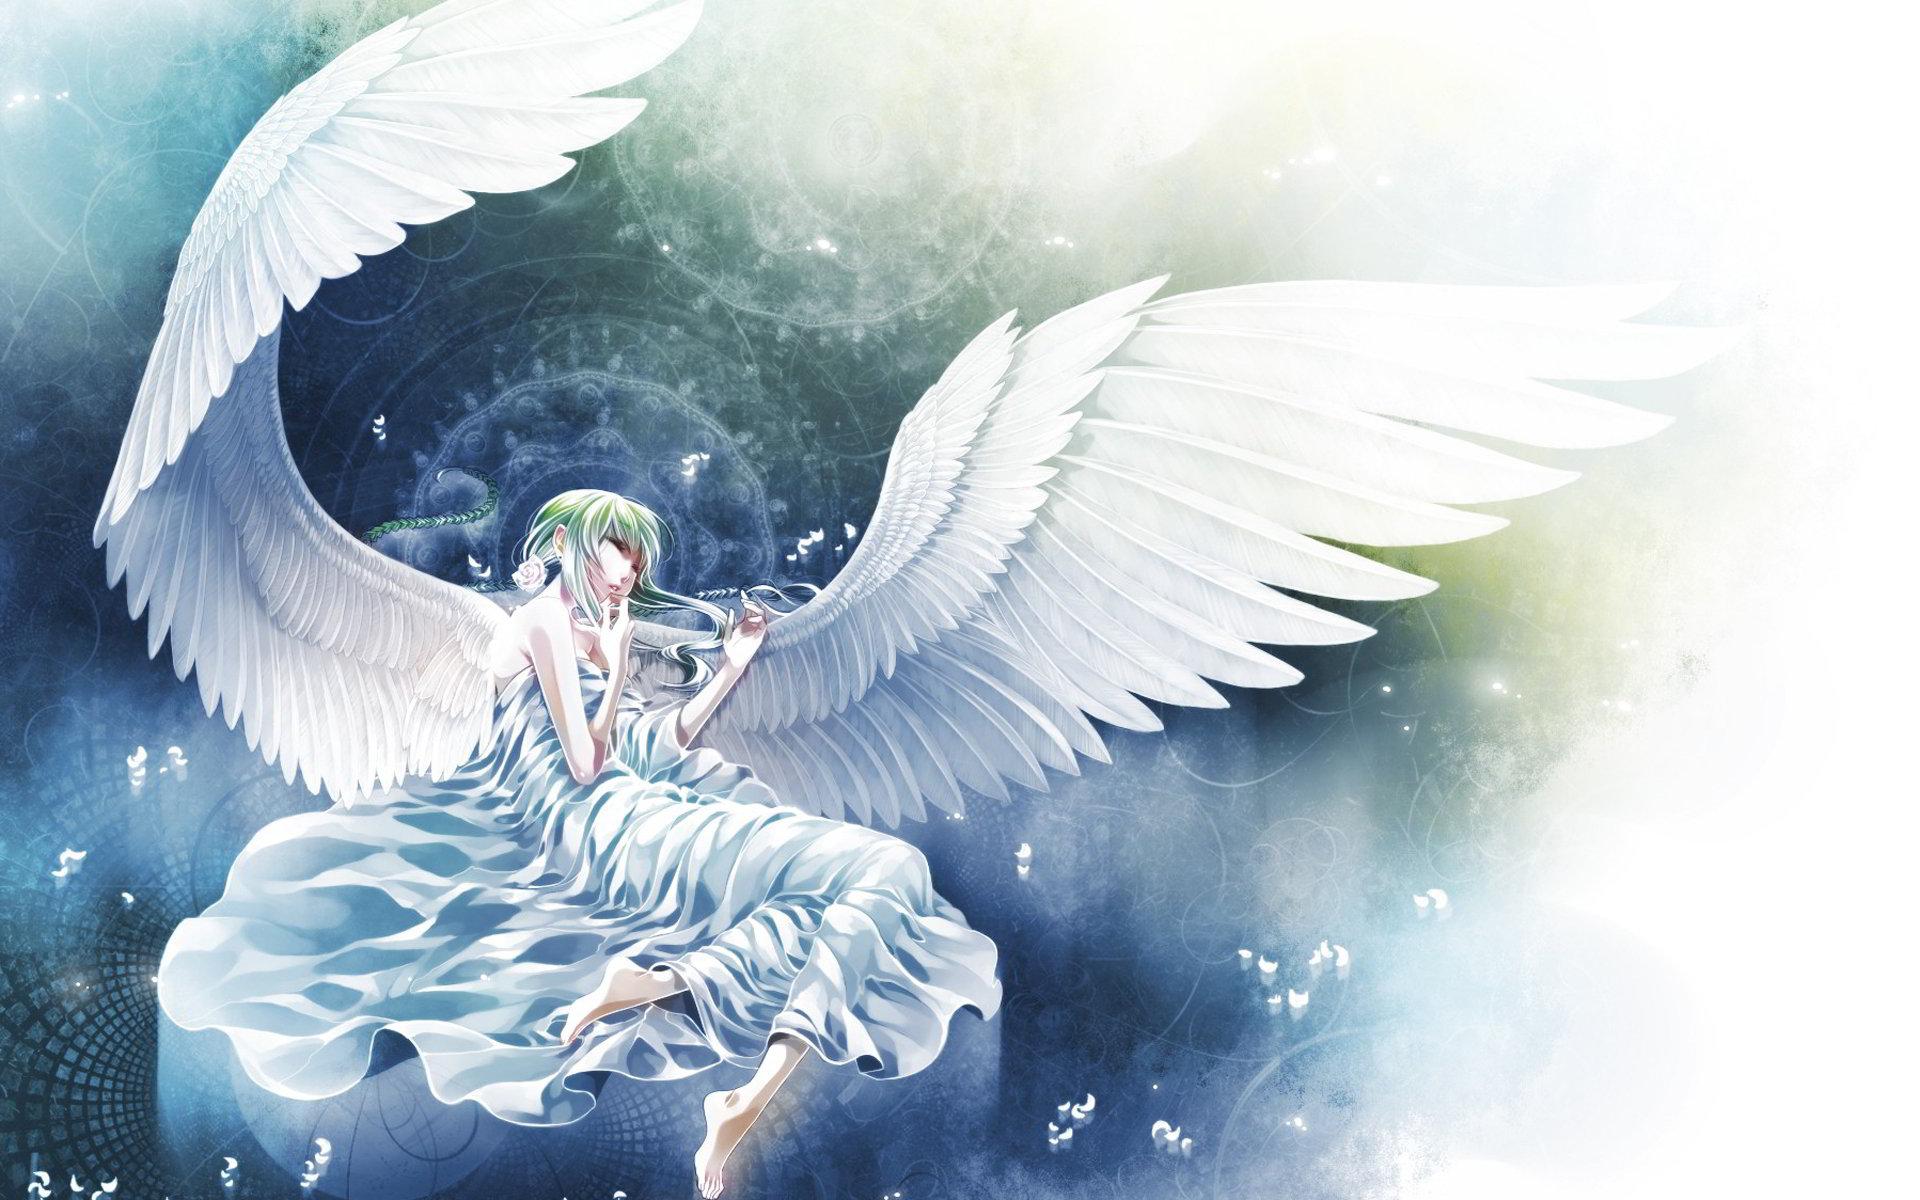 Tải hình nền anime thiên thần đáng yêu